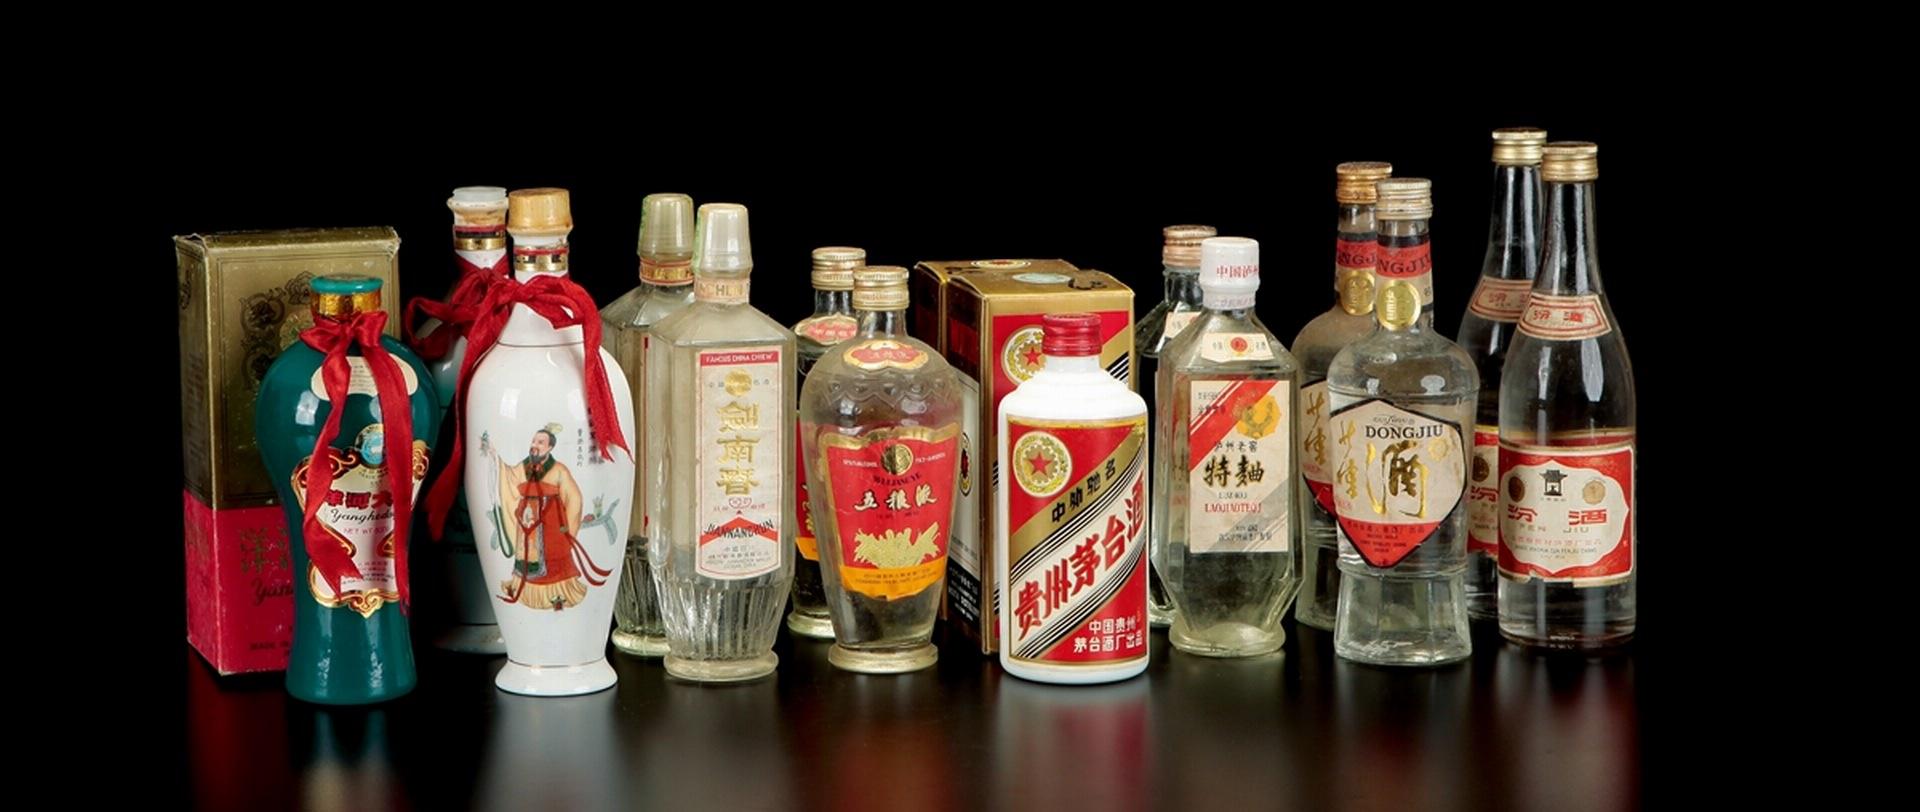 中国八大名酒_中国八大名酒的名酒评比